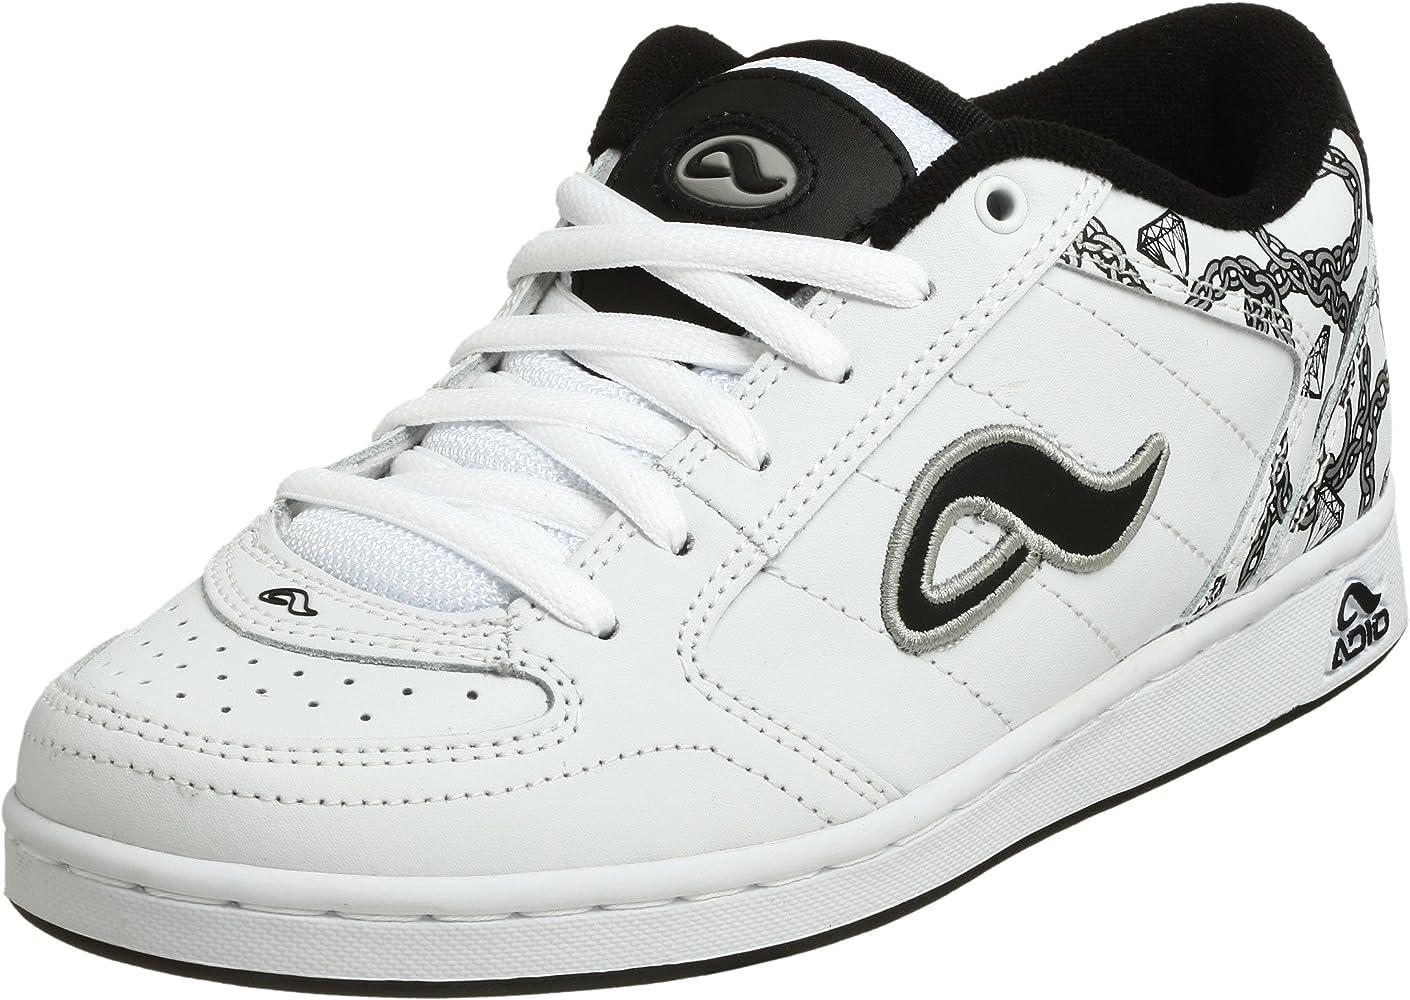 Adio Men's Hamilton Skate Shoe